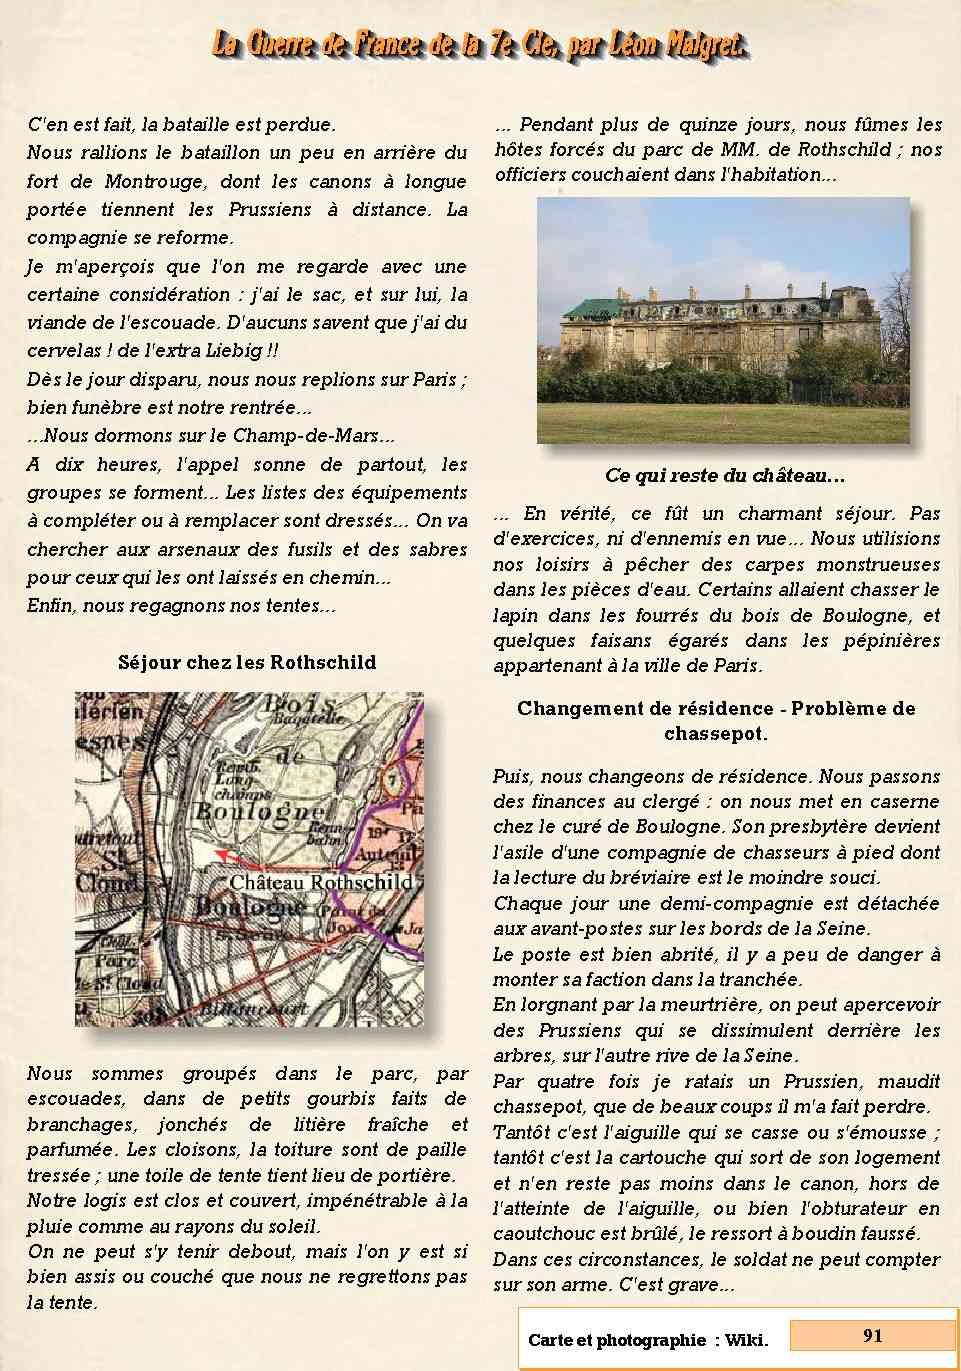 L'Historique du 14e Bataillon de Chasseurs. 1854 - 1962 Page_912